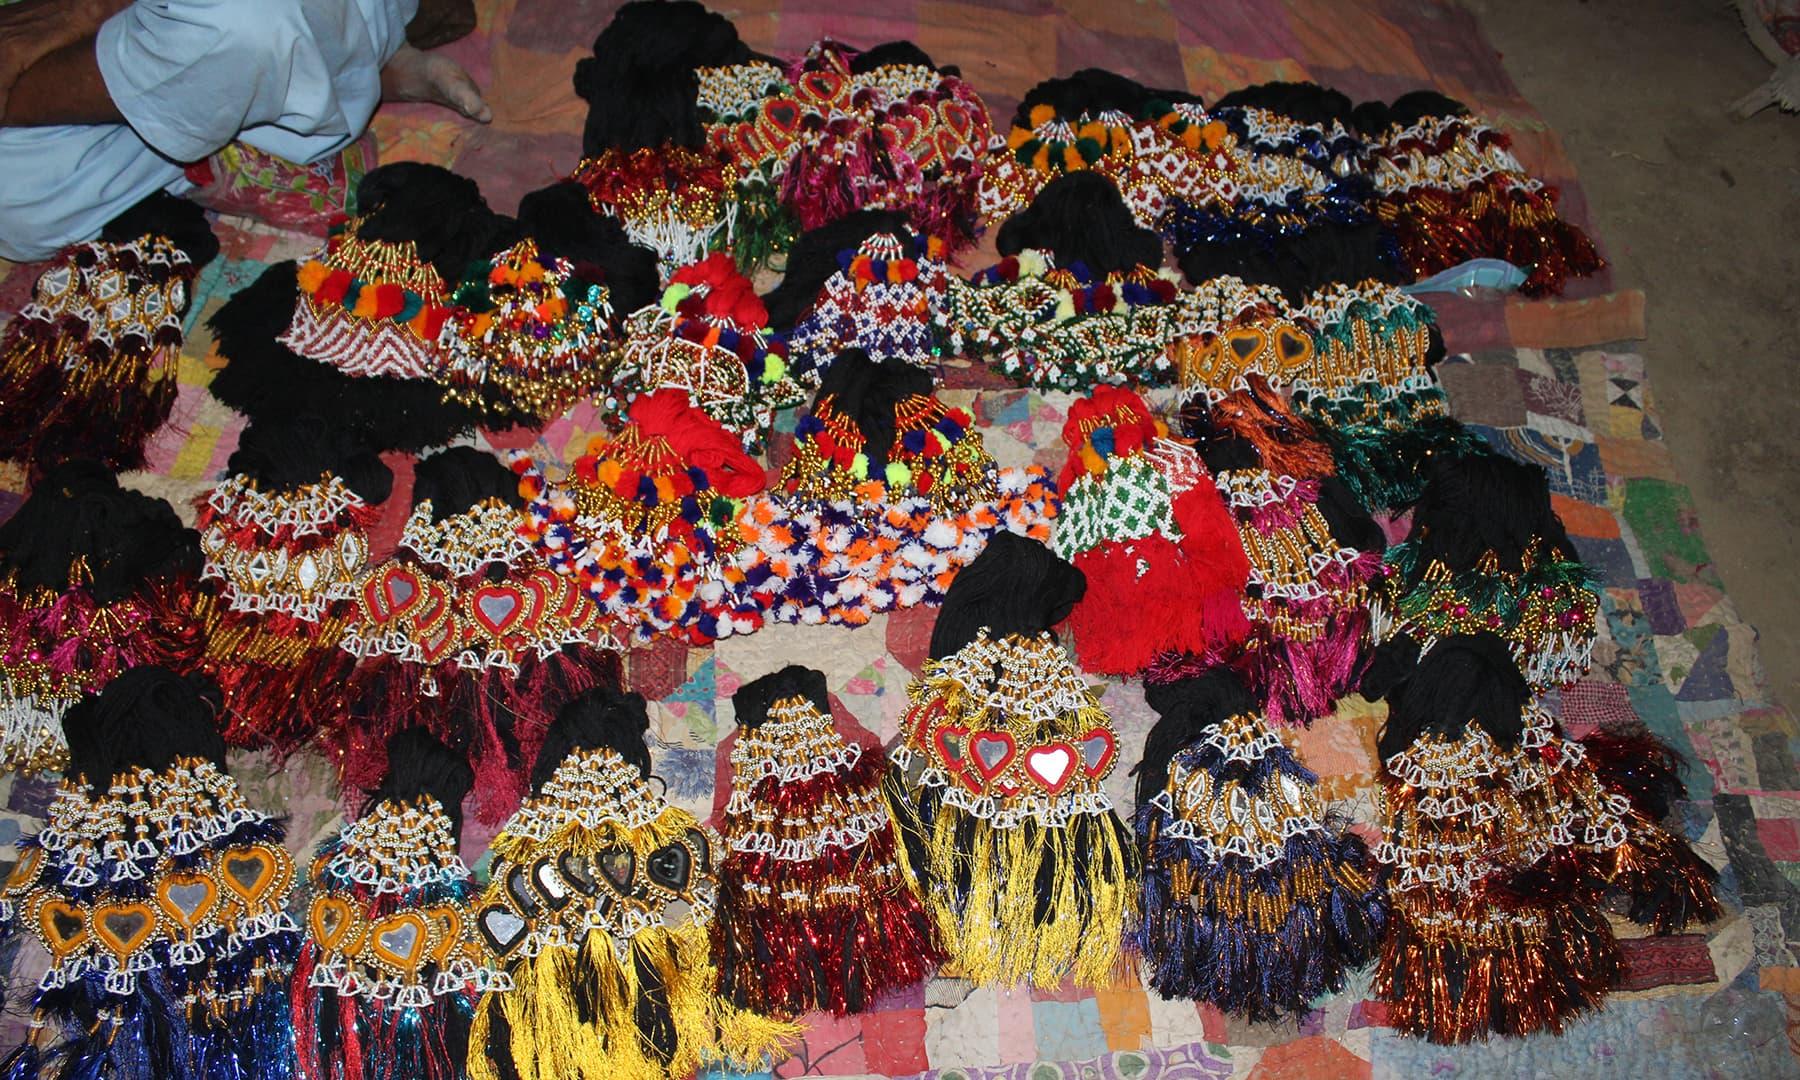 سمن سرکار کے میلے میں خواتین کے ہار سینگار کا سامان بھی دستیاب ہوتا ہے—تصویر اختر حفیظ